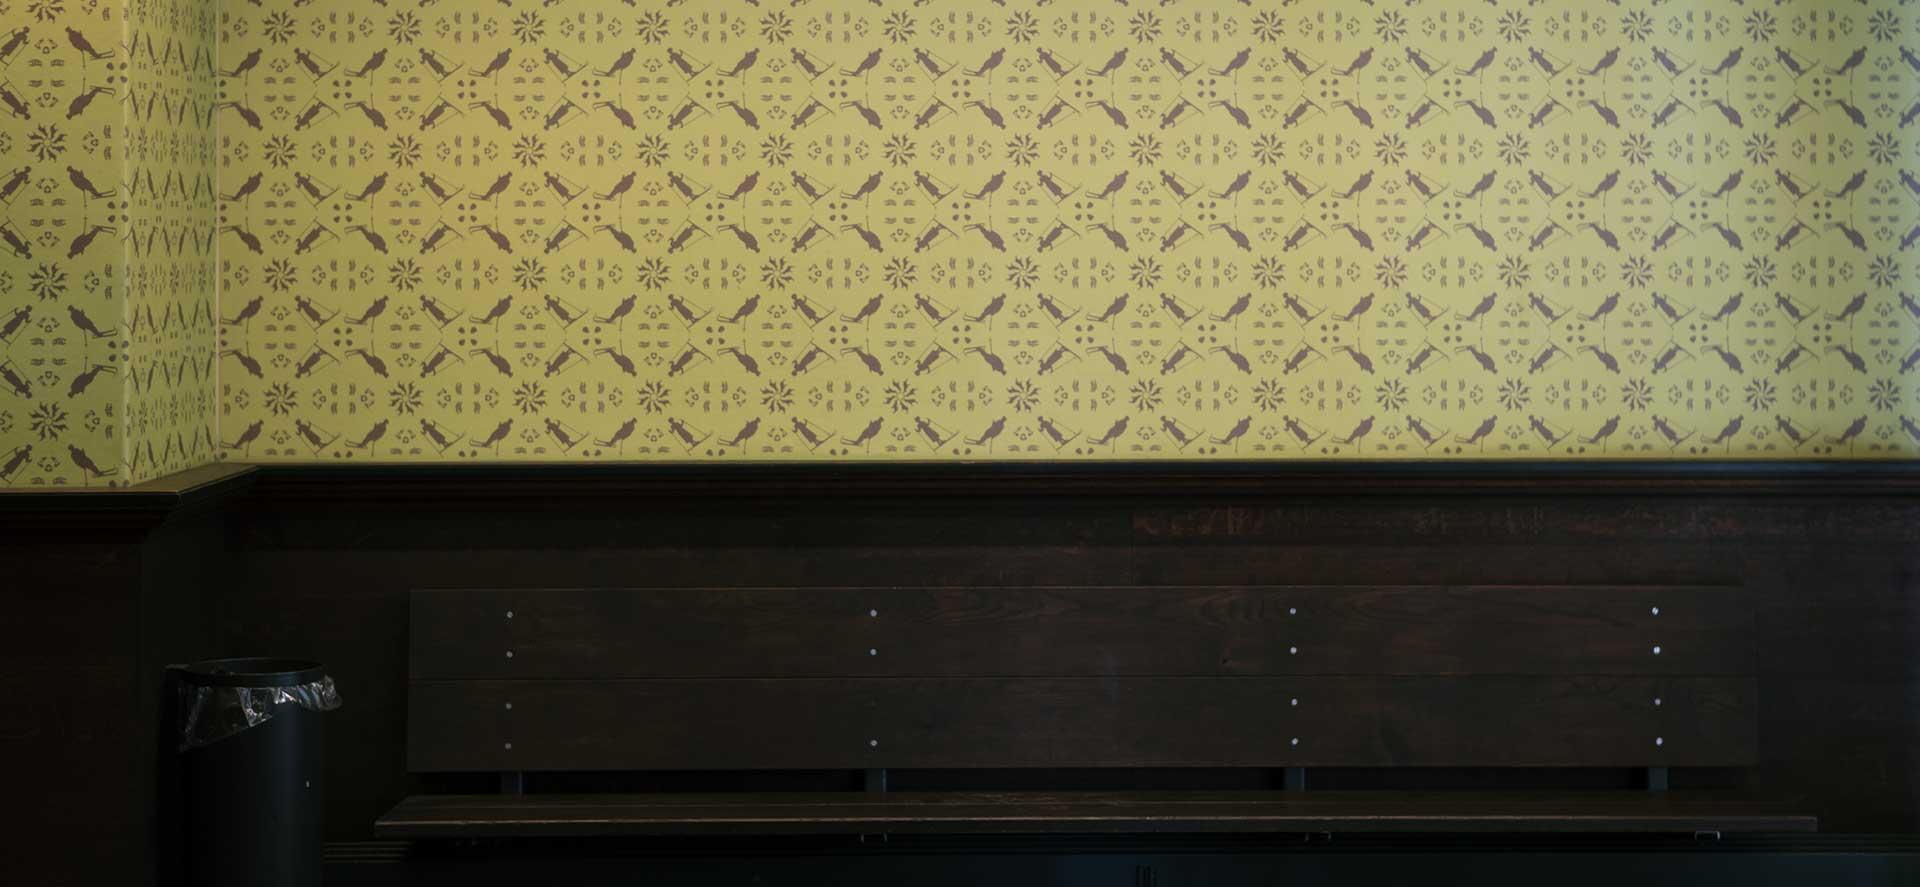 Interiordesign für Corvigliabahn